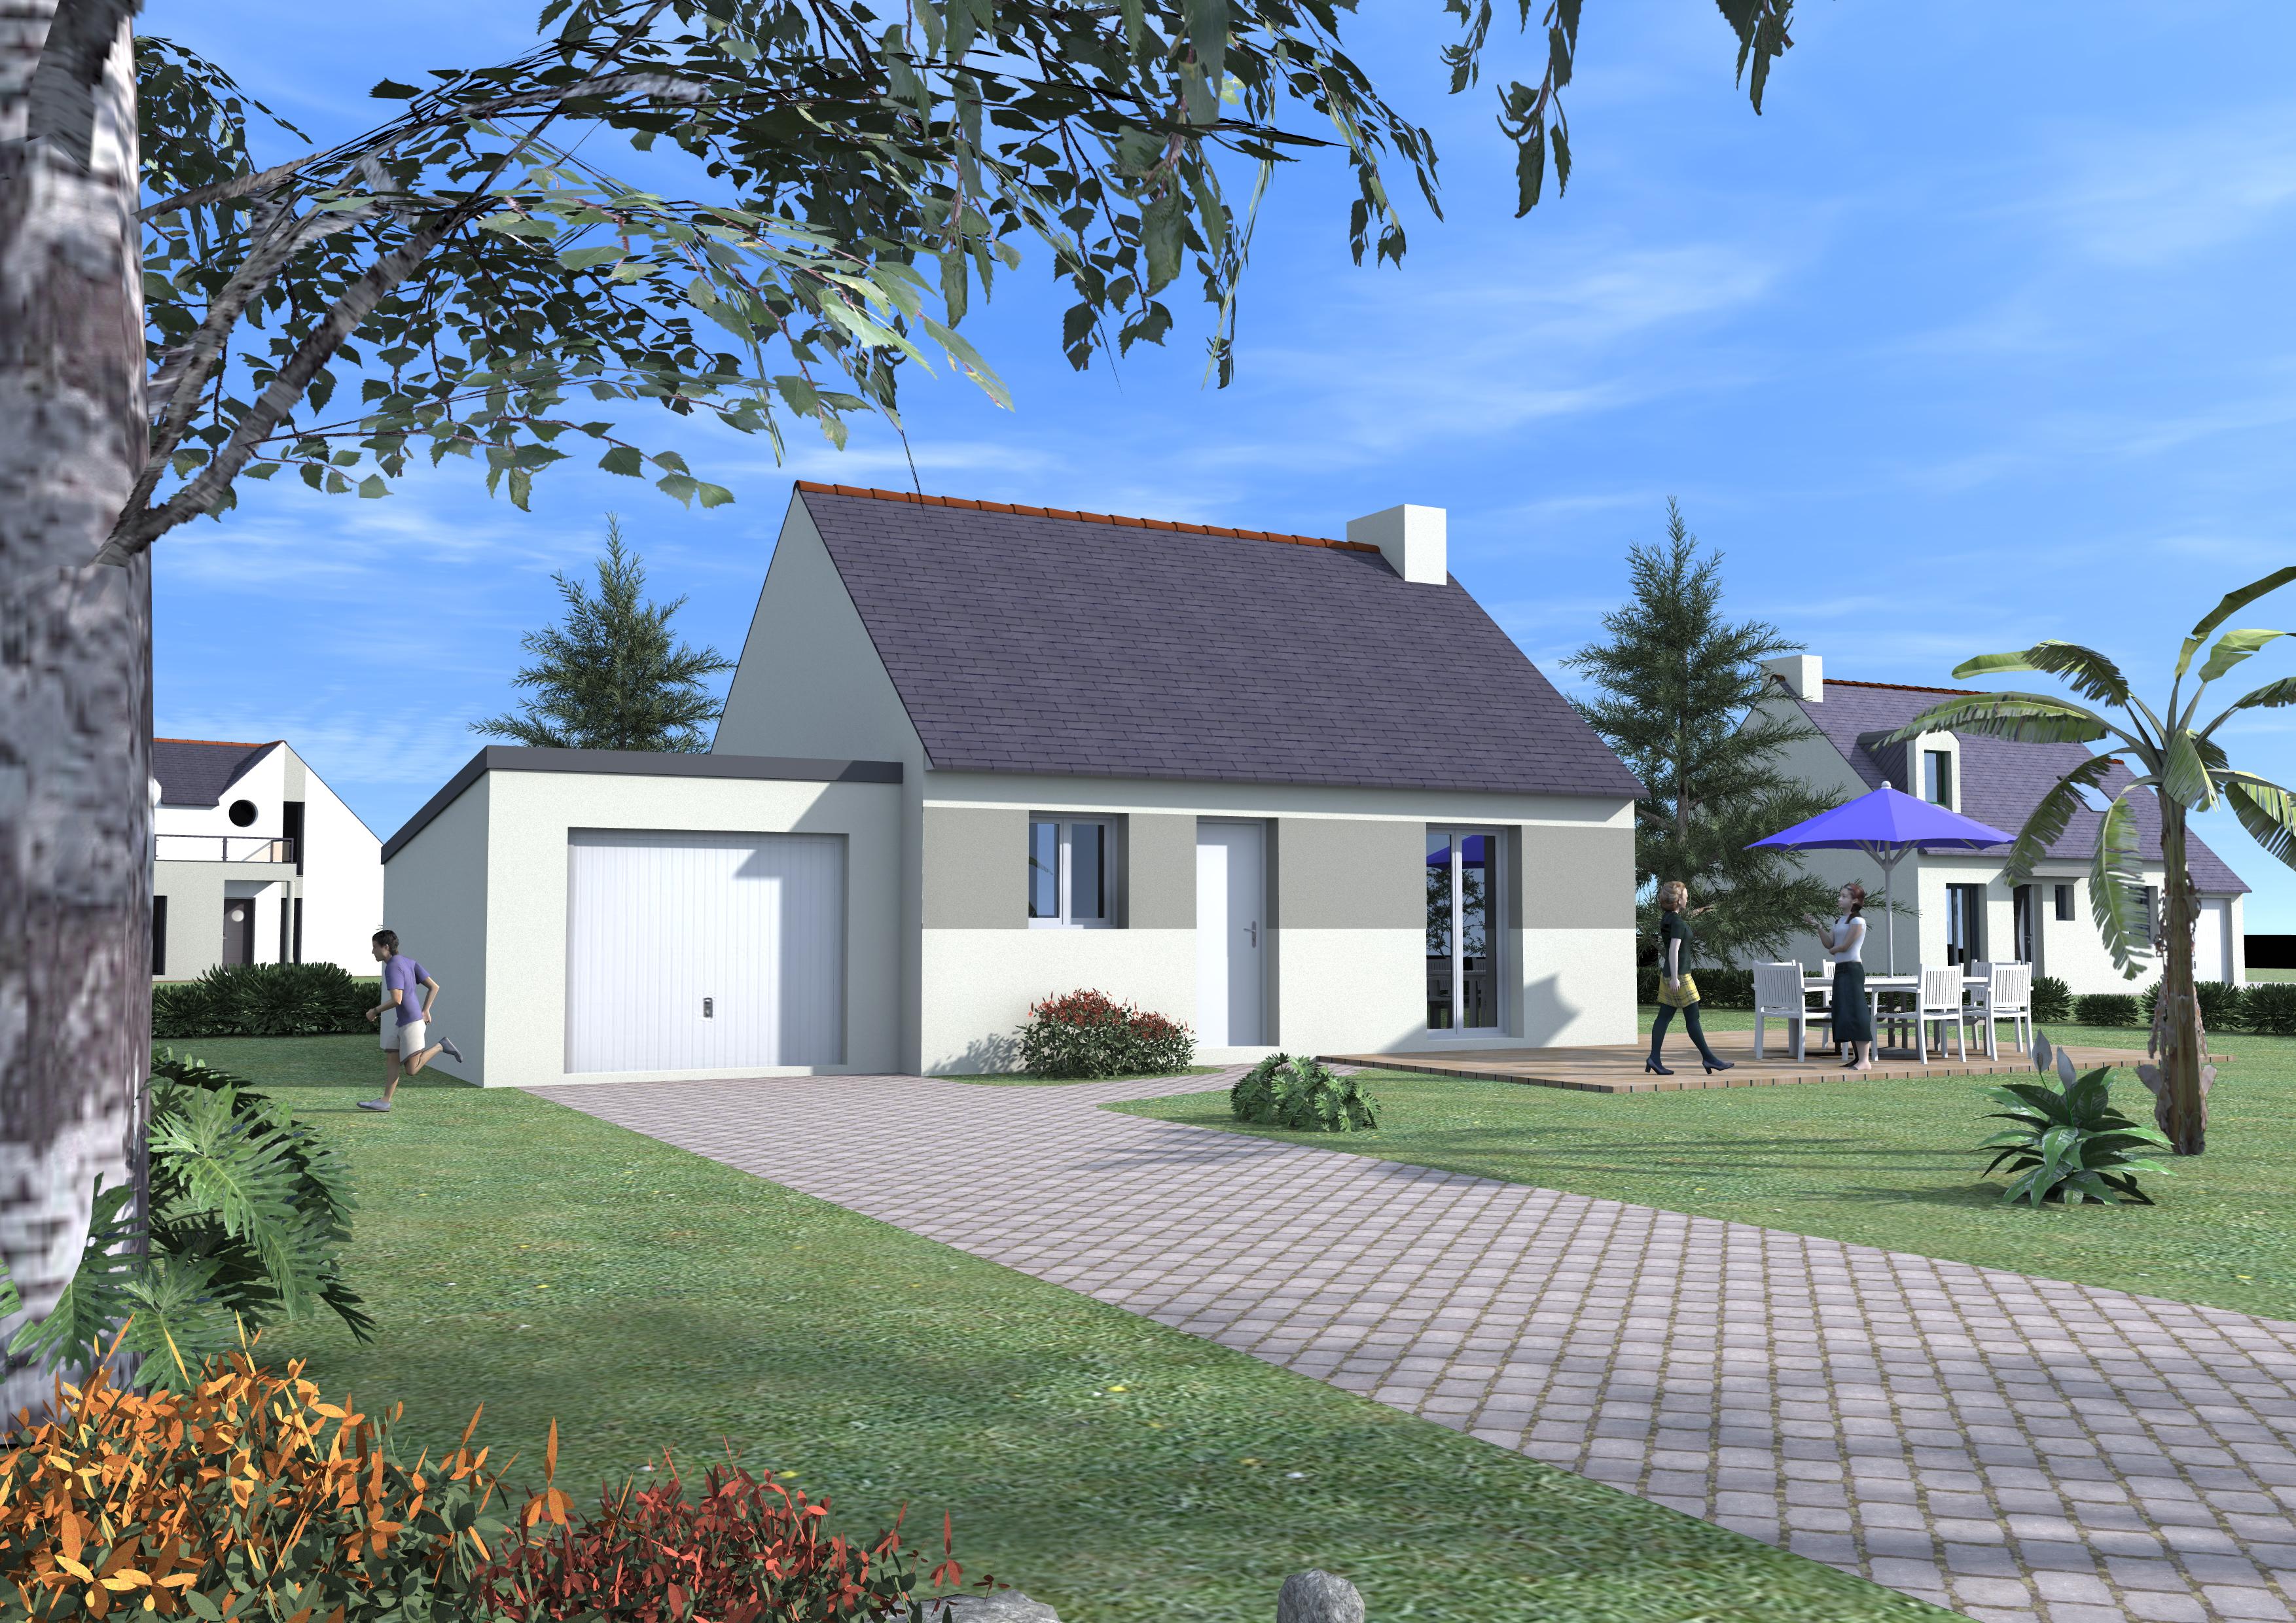 Sens de bretagne maison neuve terrain de 476 m2 blm 35 for Personnaliser votre propre maison